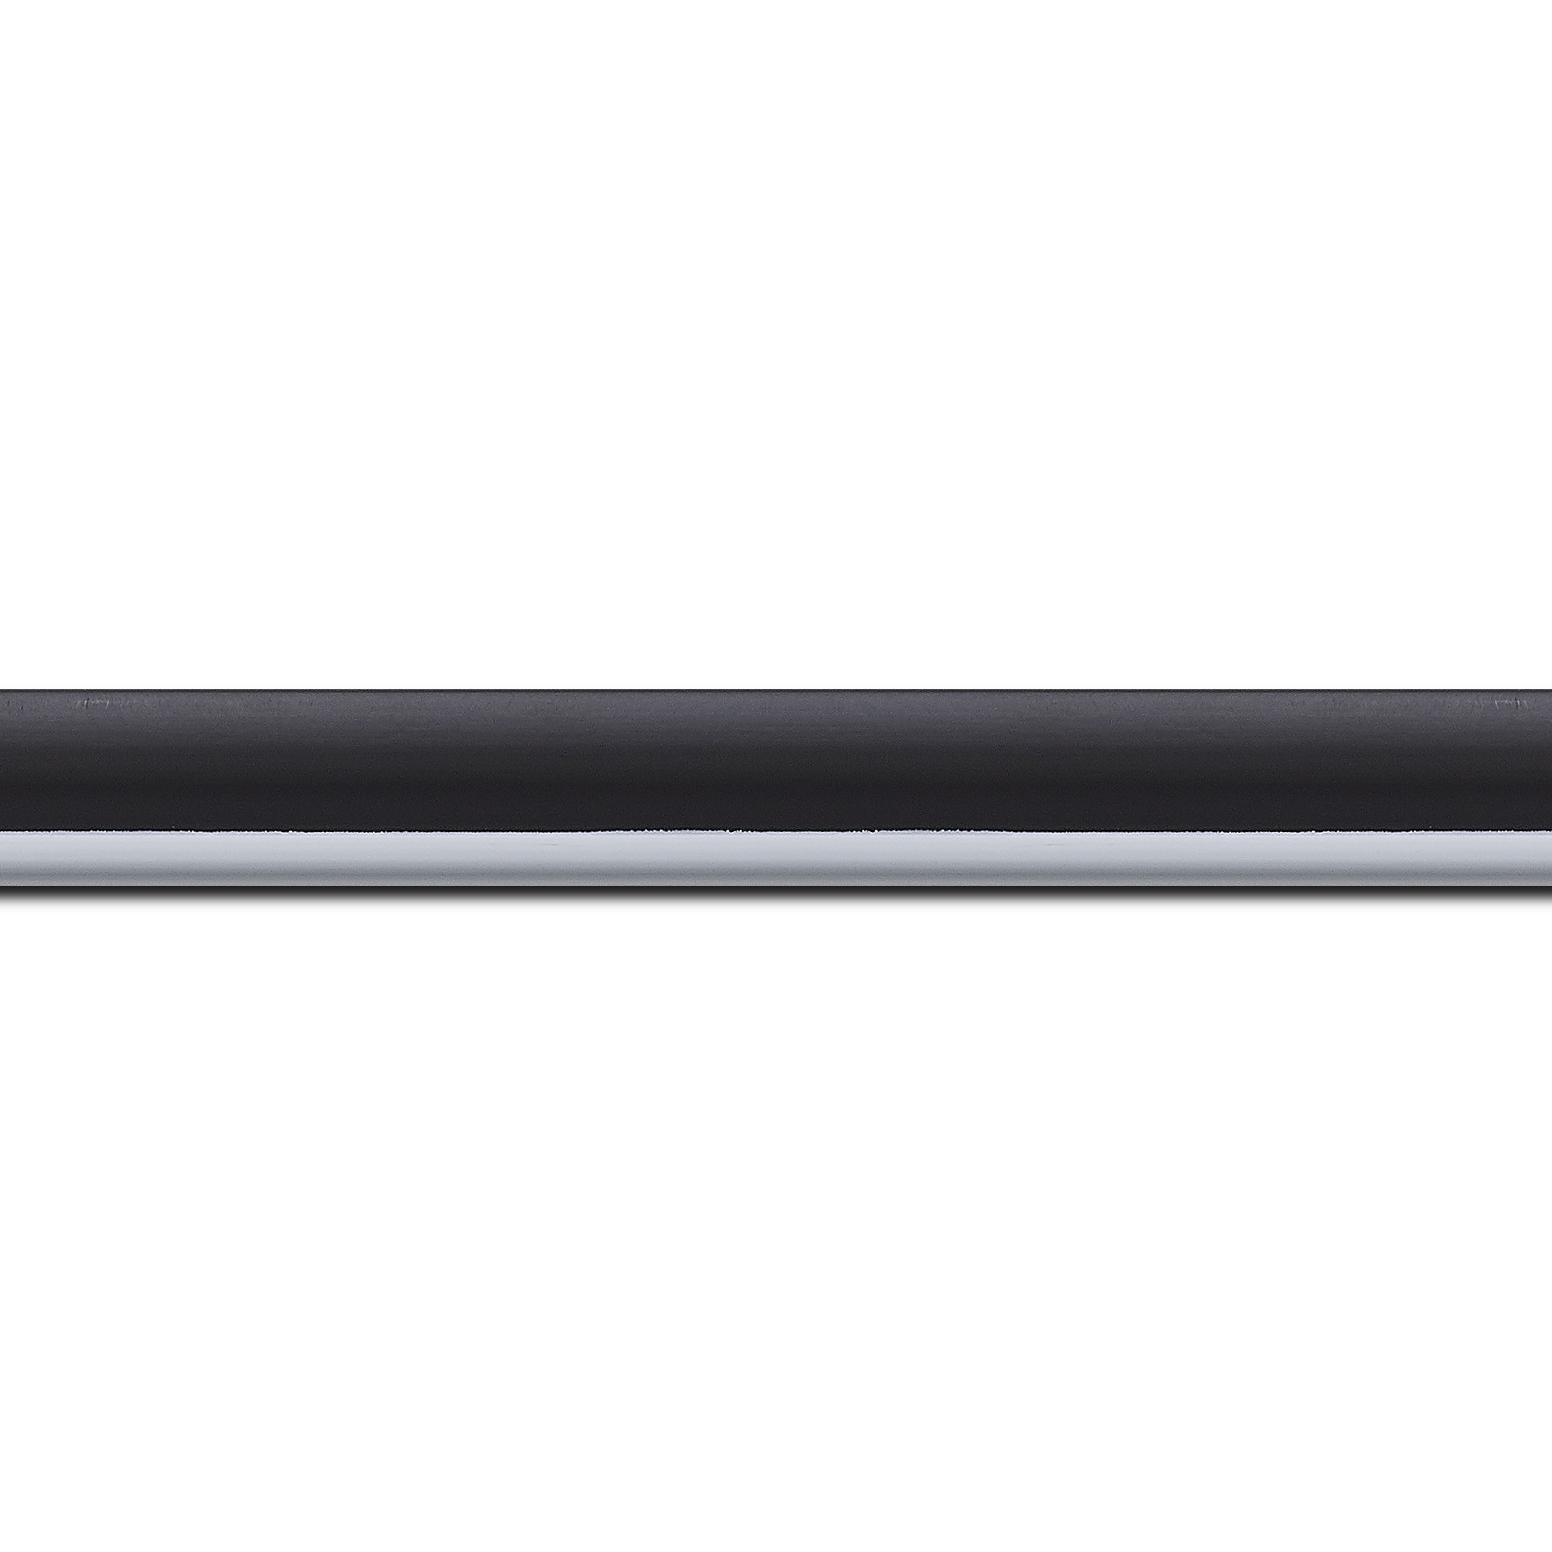 Baguette longueur 1.40m bois profil arrondi largeur 2.1cm  couleur noir mat filet blanc